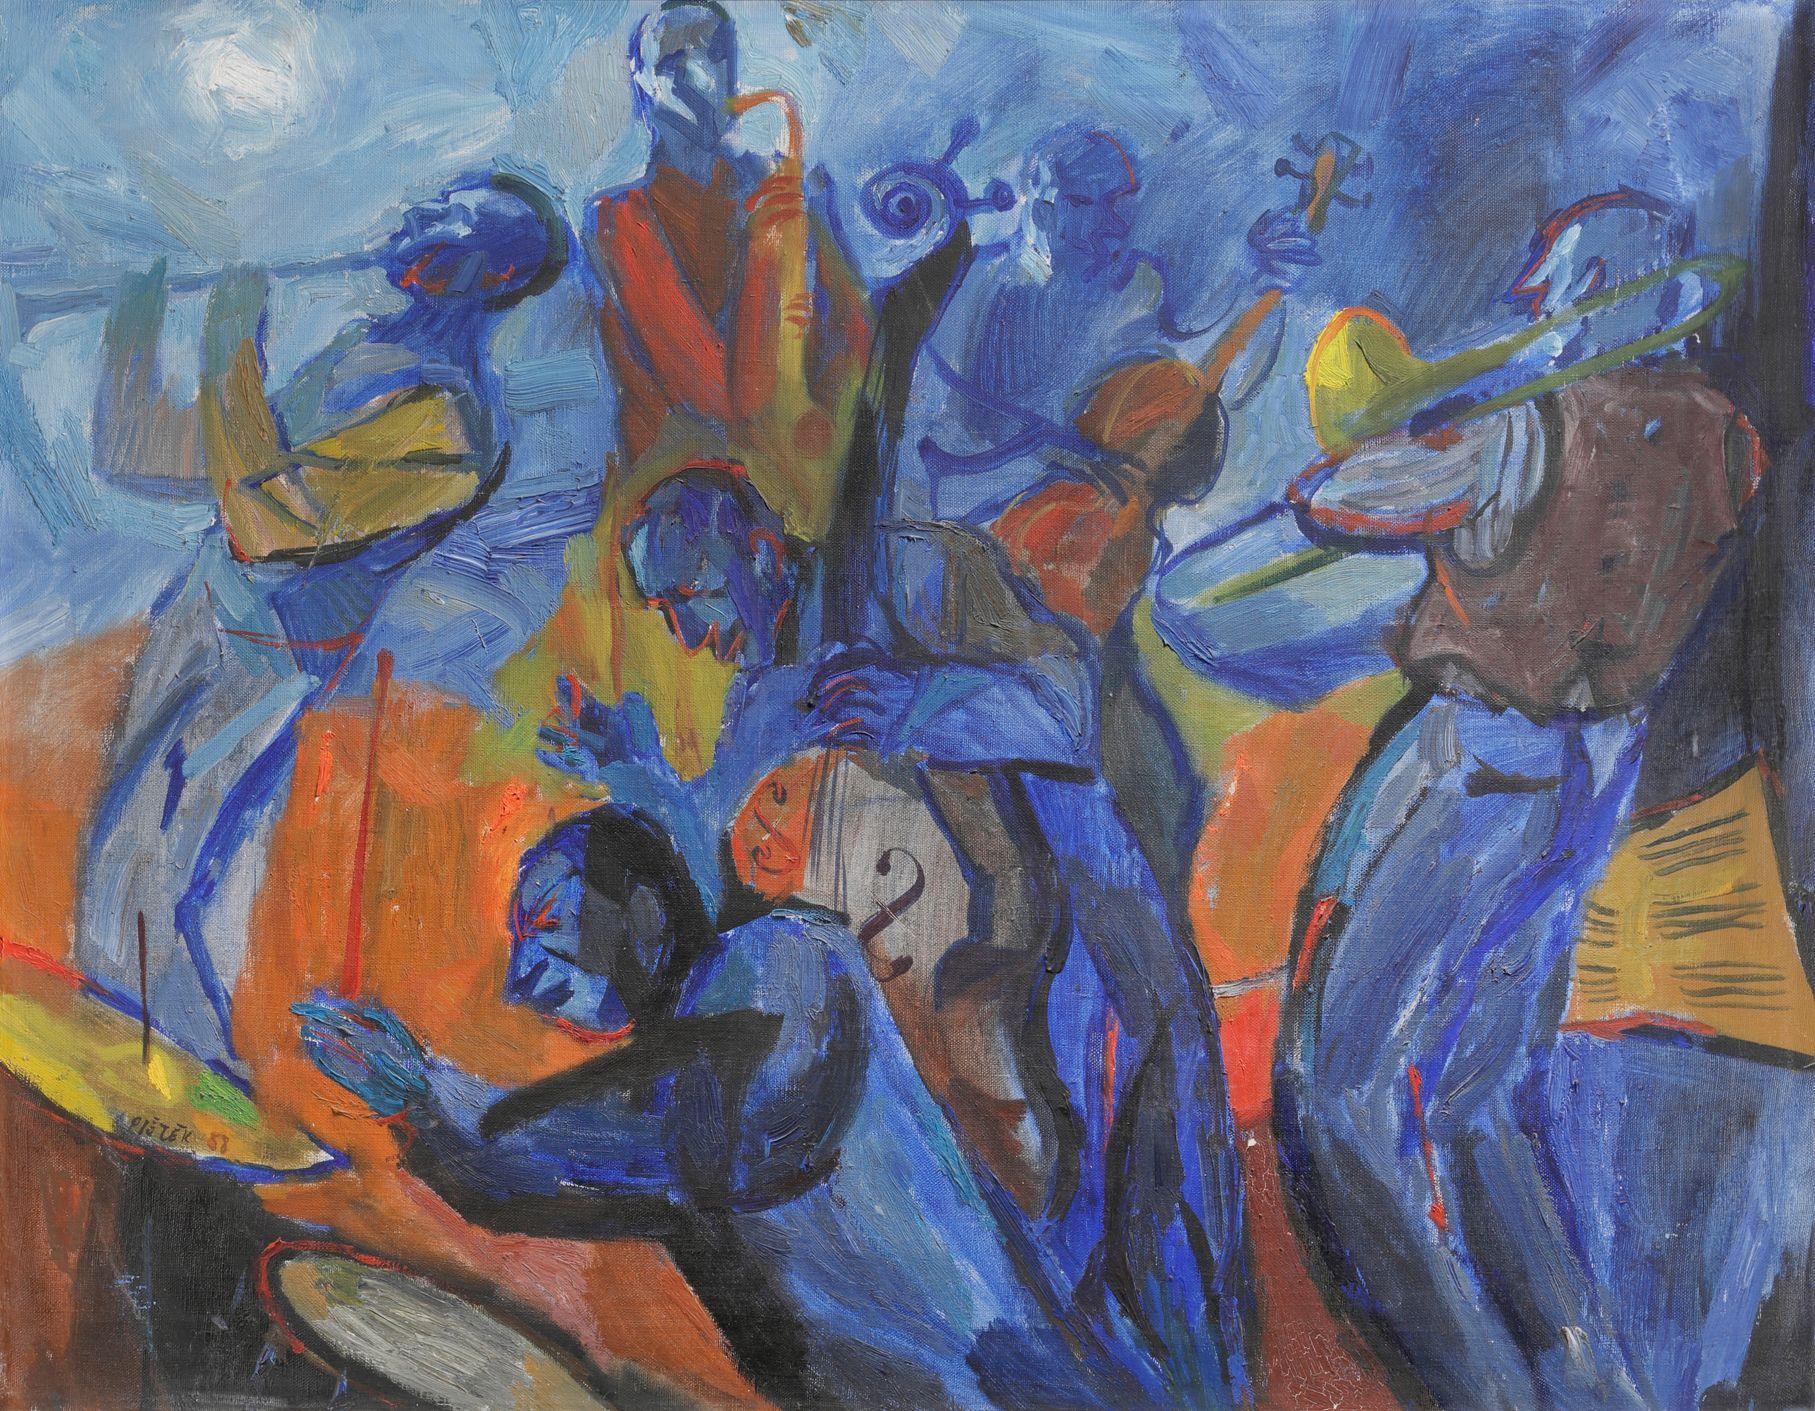 Toyen, Mucha, Preisler. Jarní aukce v Mánesu nabídne unikátní umělecká díla